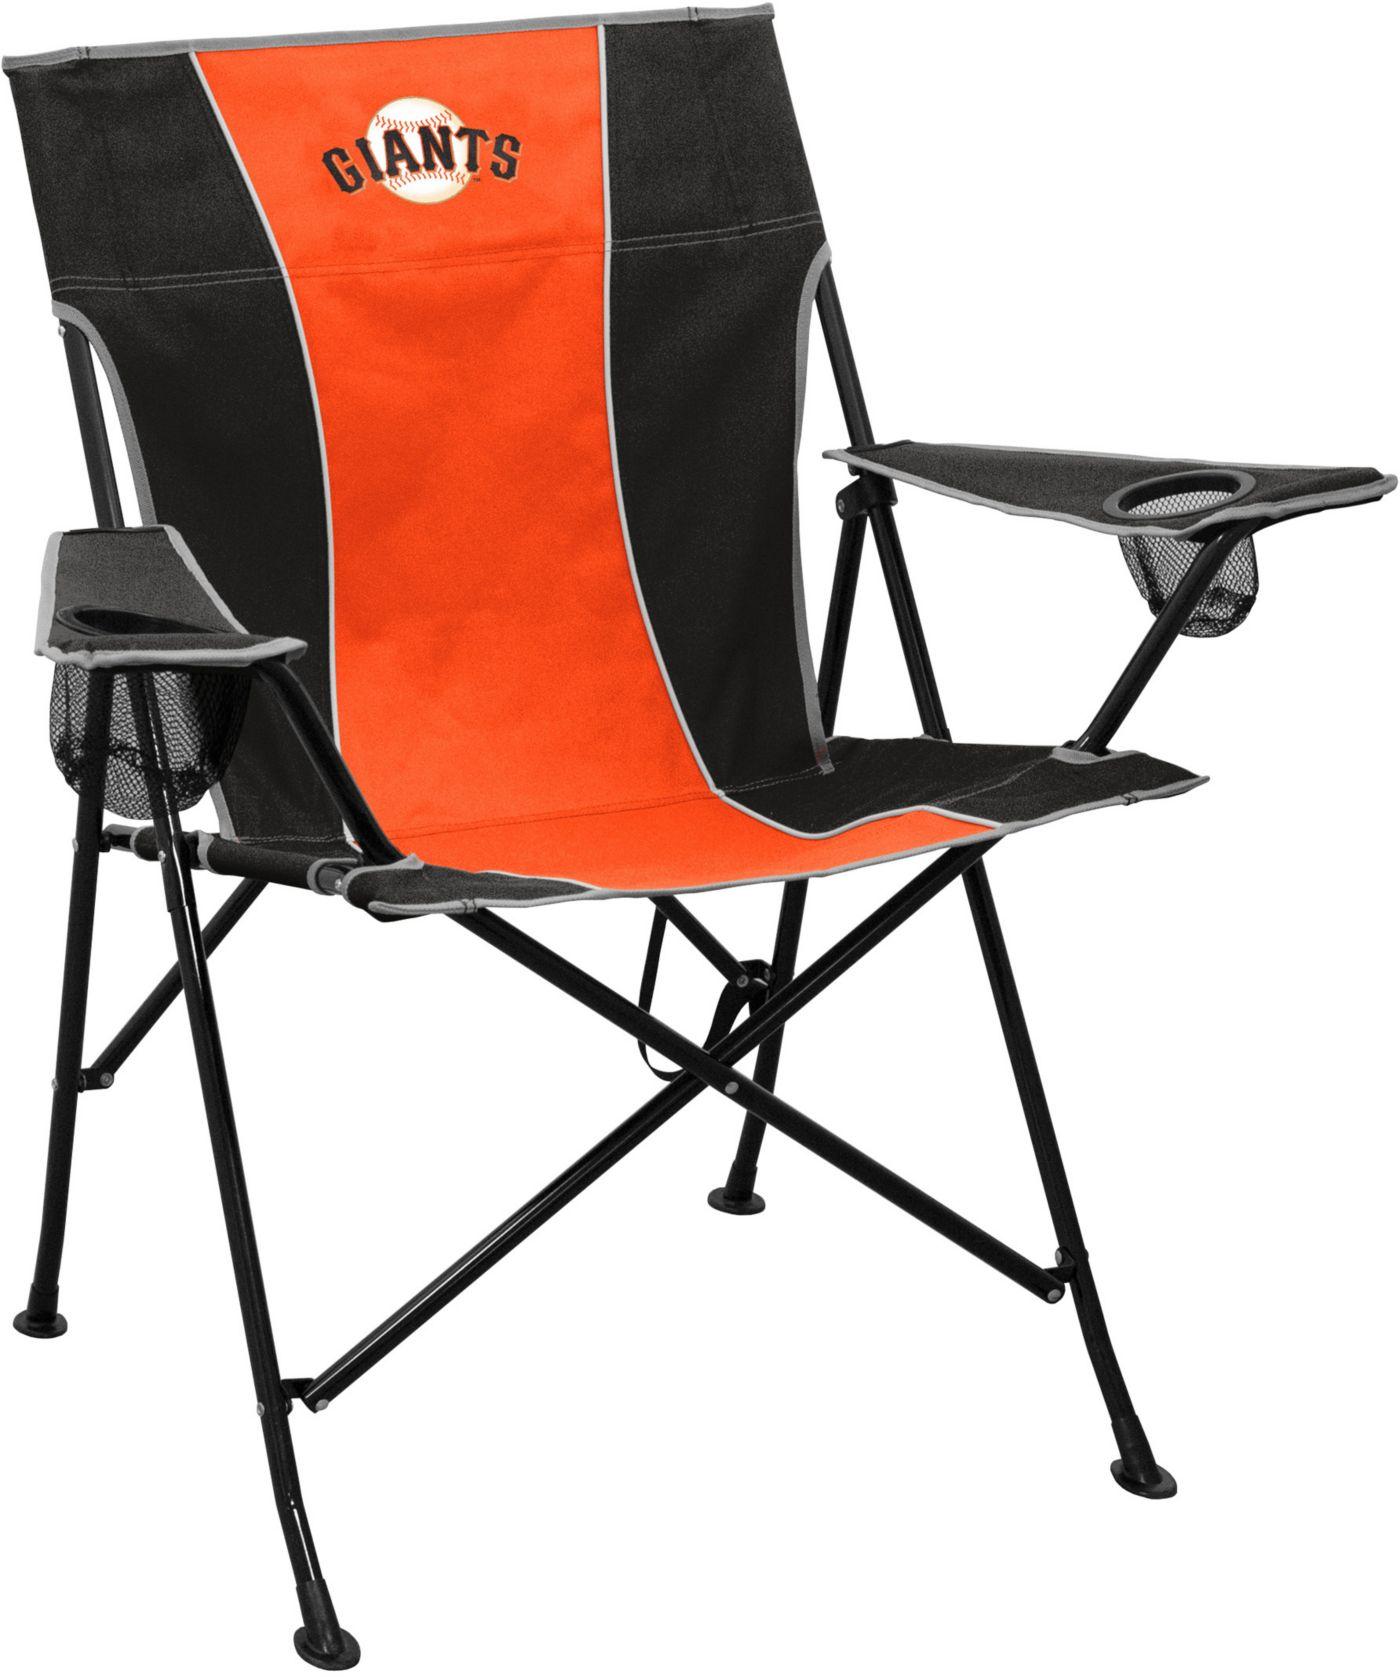 San Francisco Giants Pregame Chair